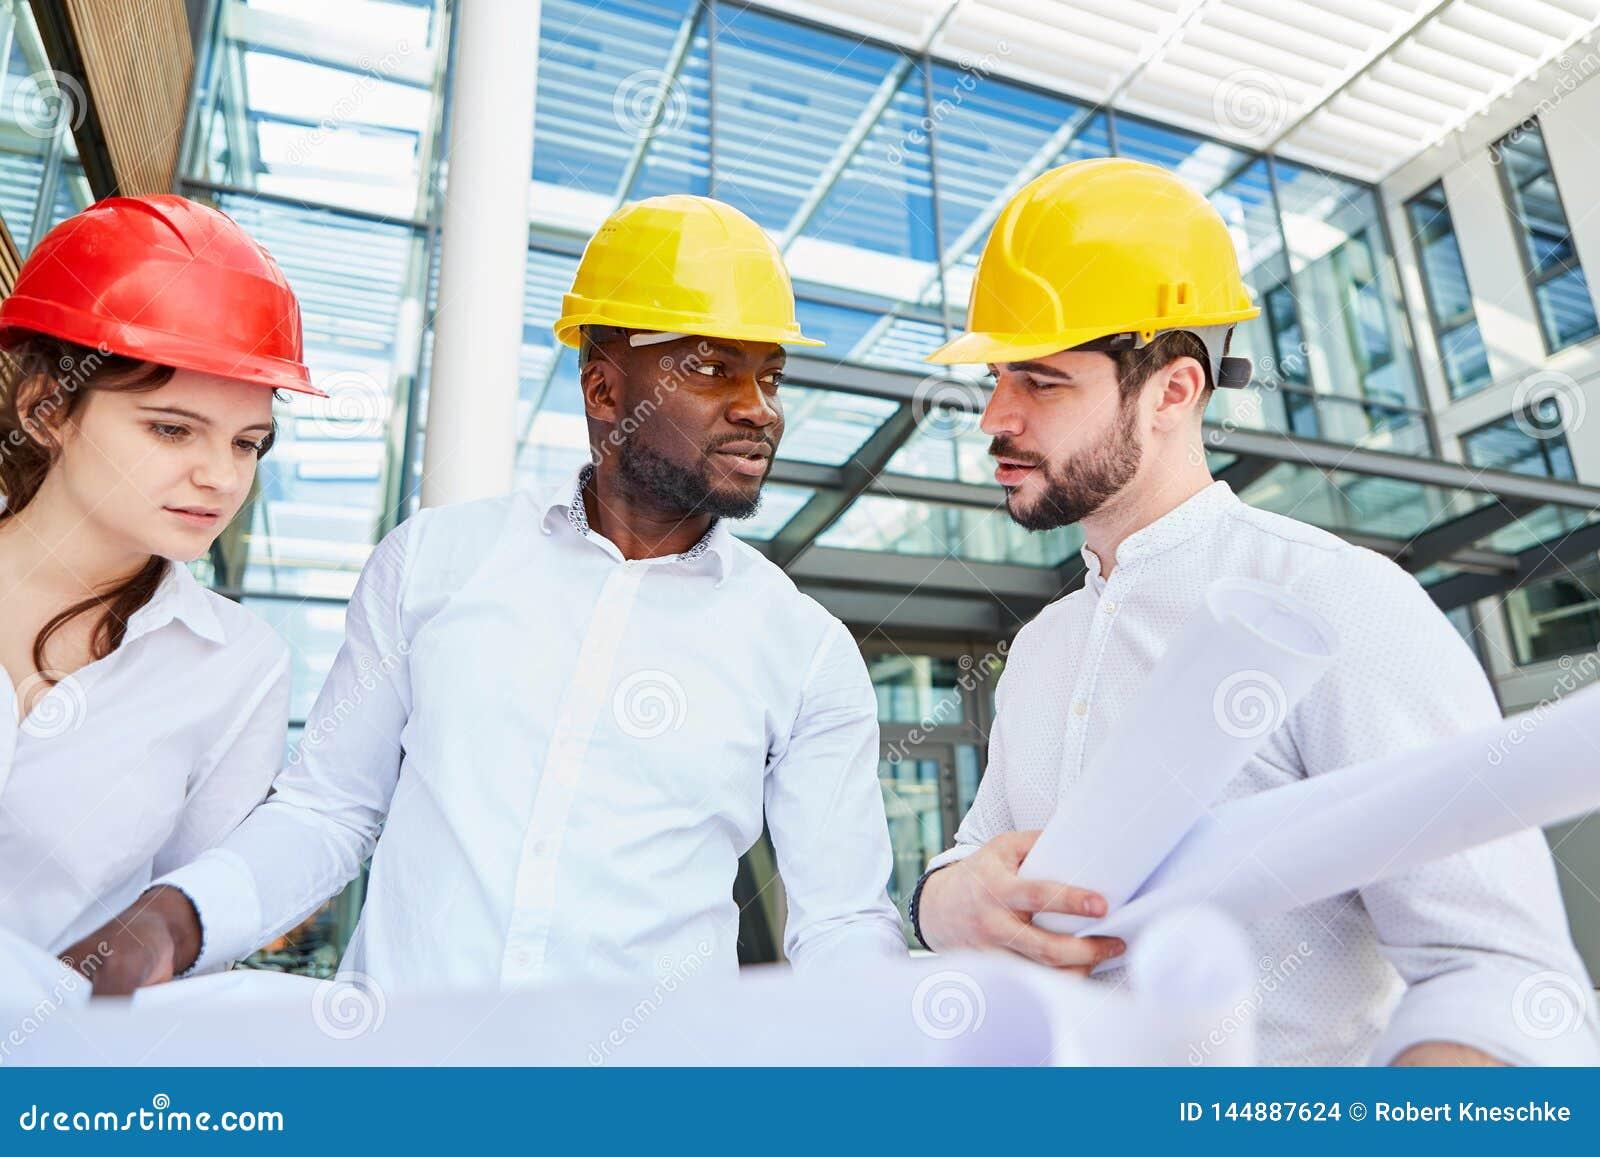 De besprekingen van de plaatsmanager aan architect en ingenieur